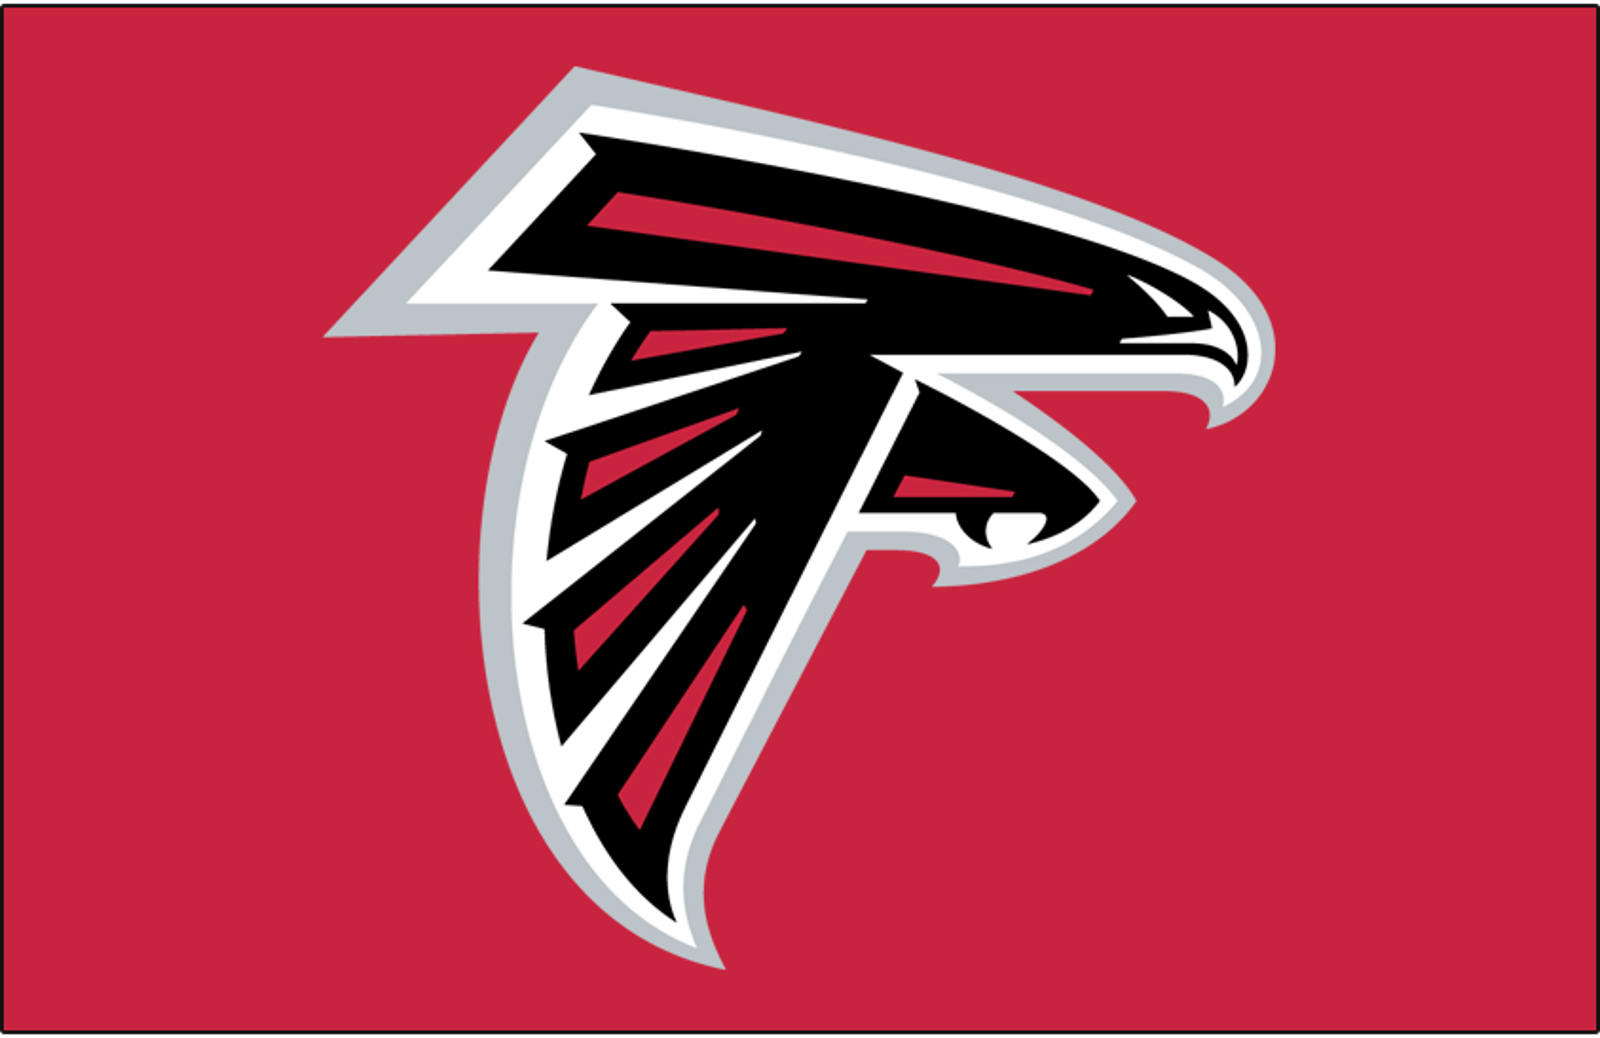 81. Atlanta Falcons